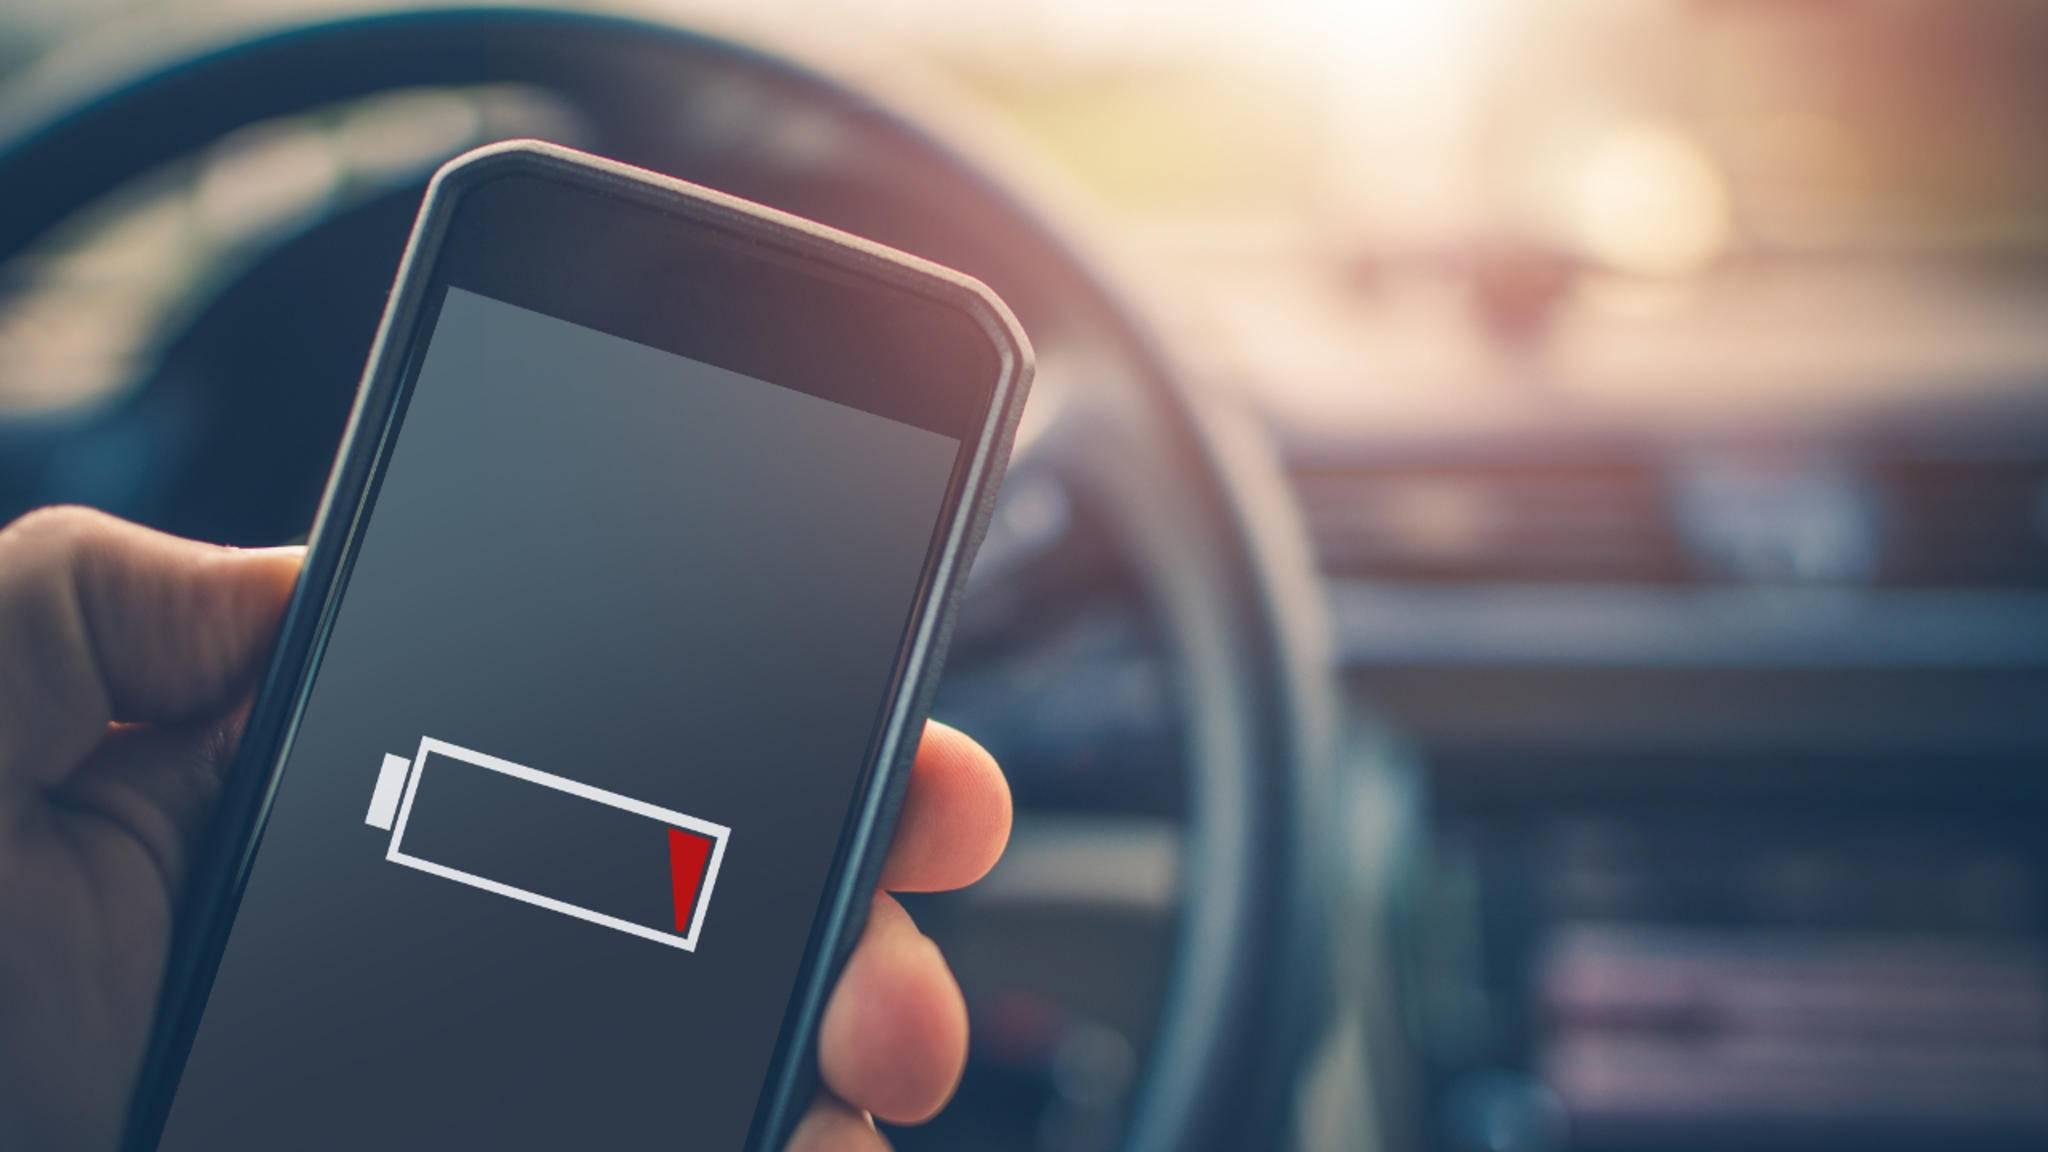 Du kannst das Handy zwar im Auto laden, dabei sollten aber einige Punkte beachtet werden.